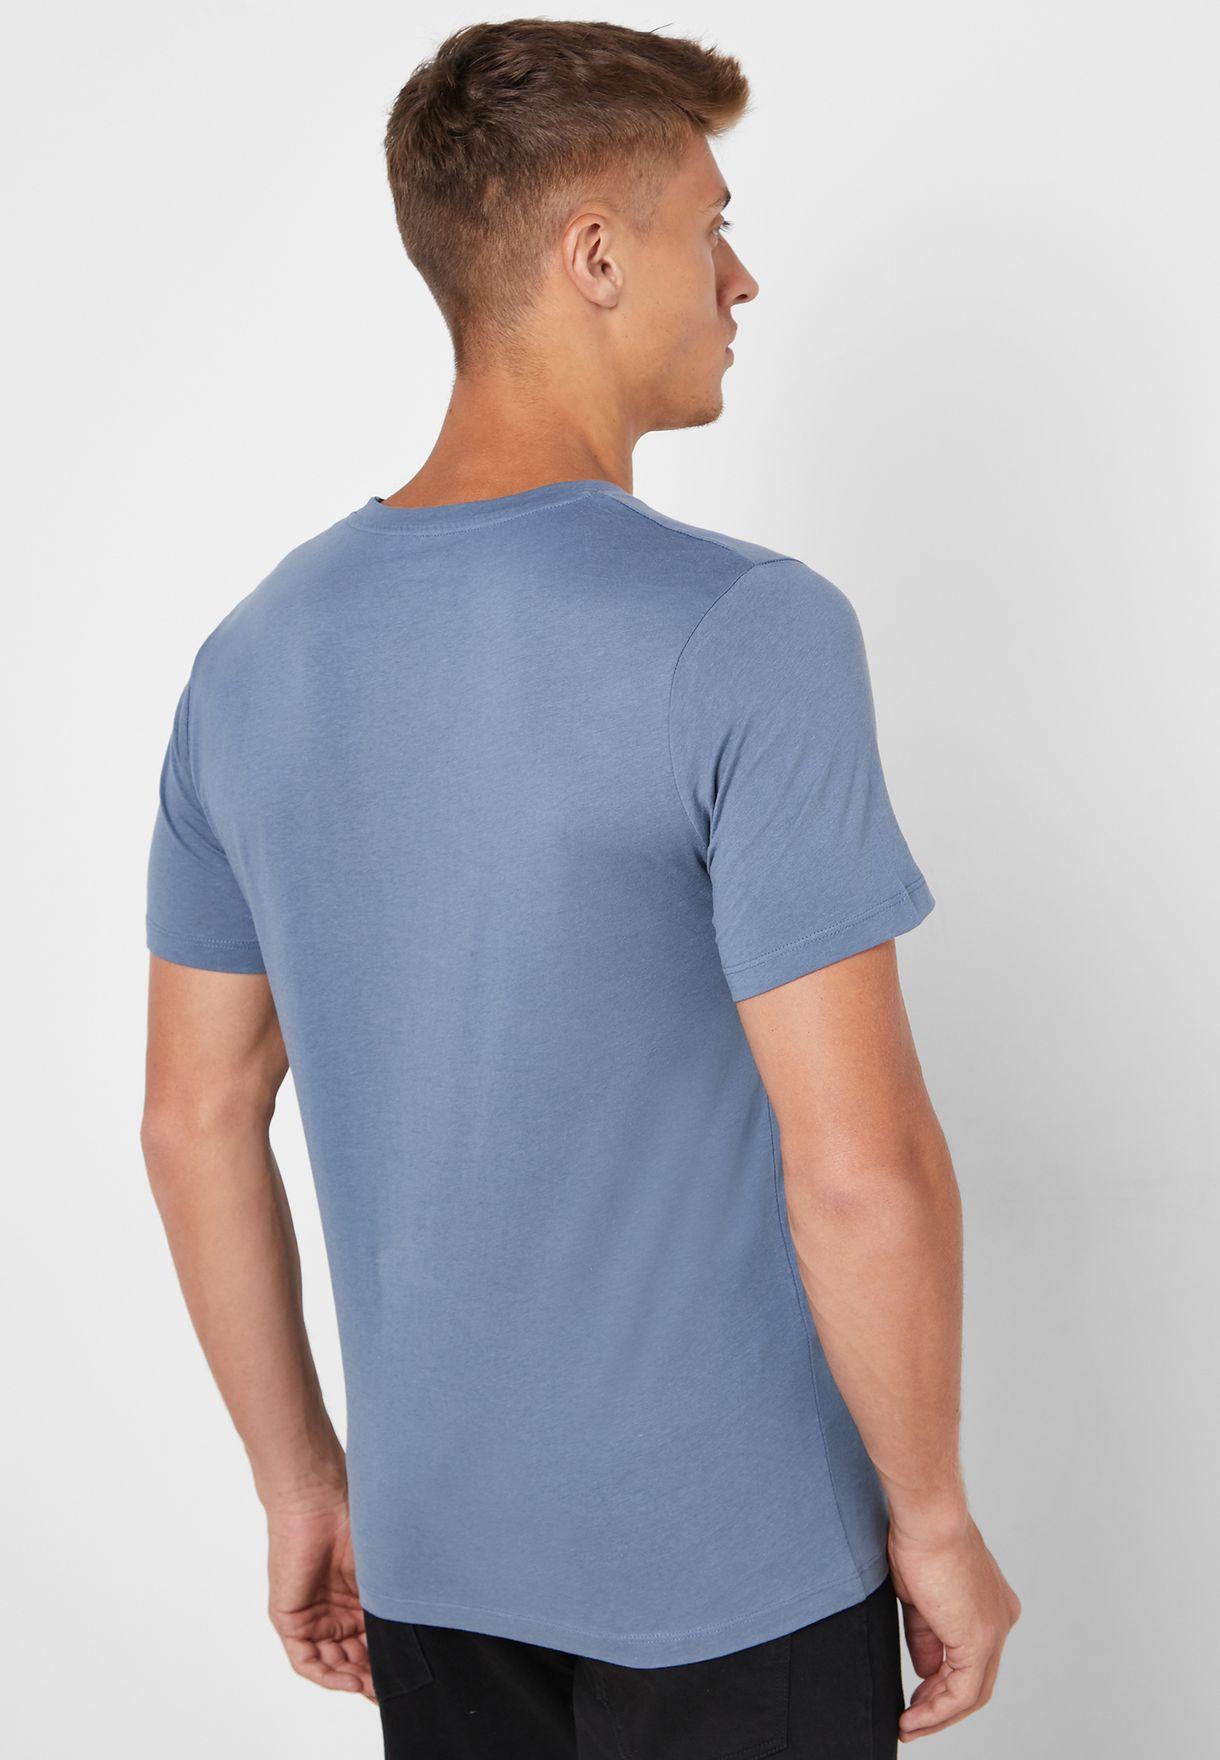 Booster Regular Fit Crew Neck T-Shirt